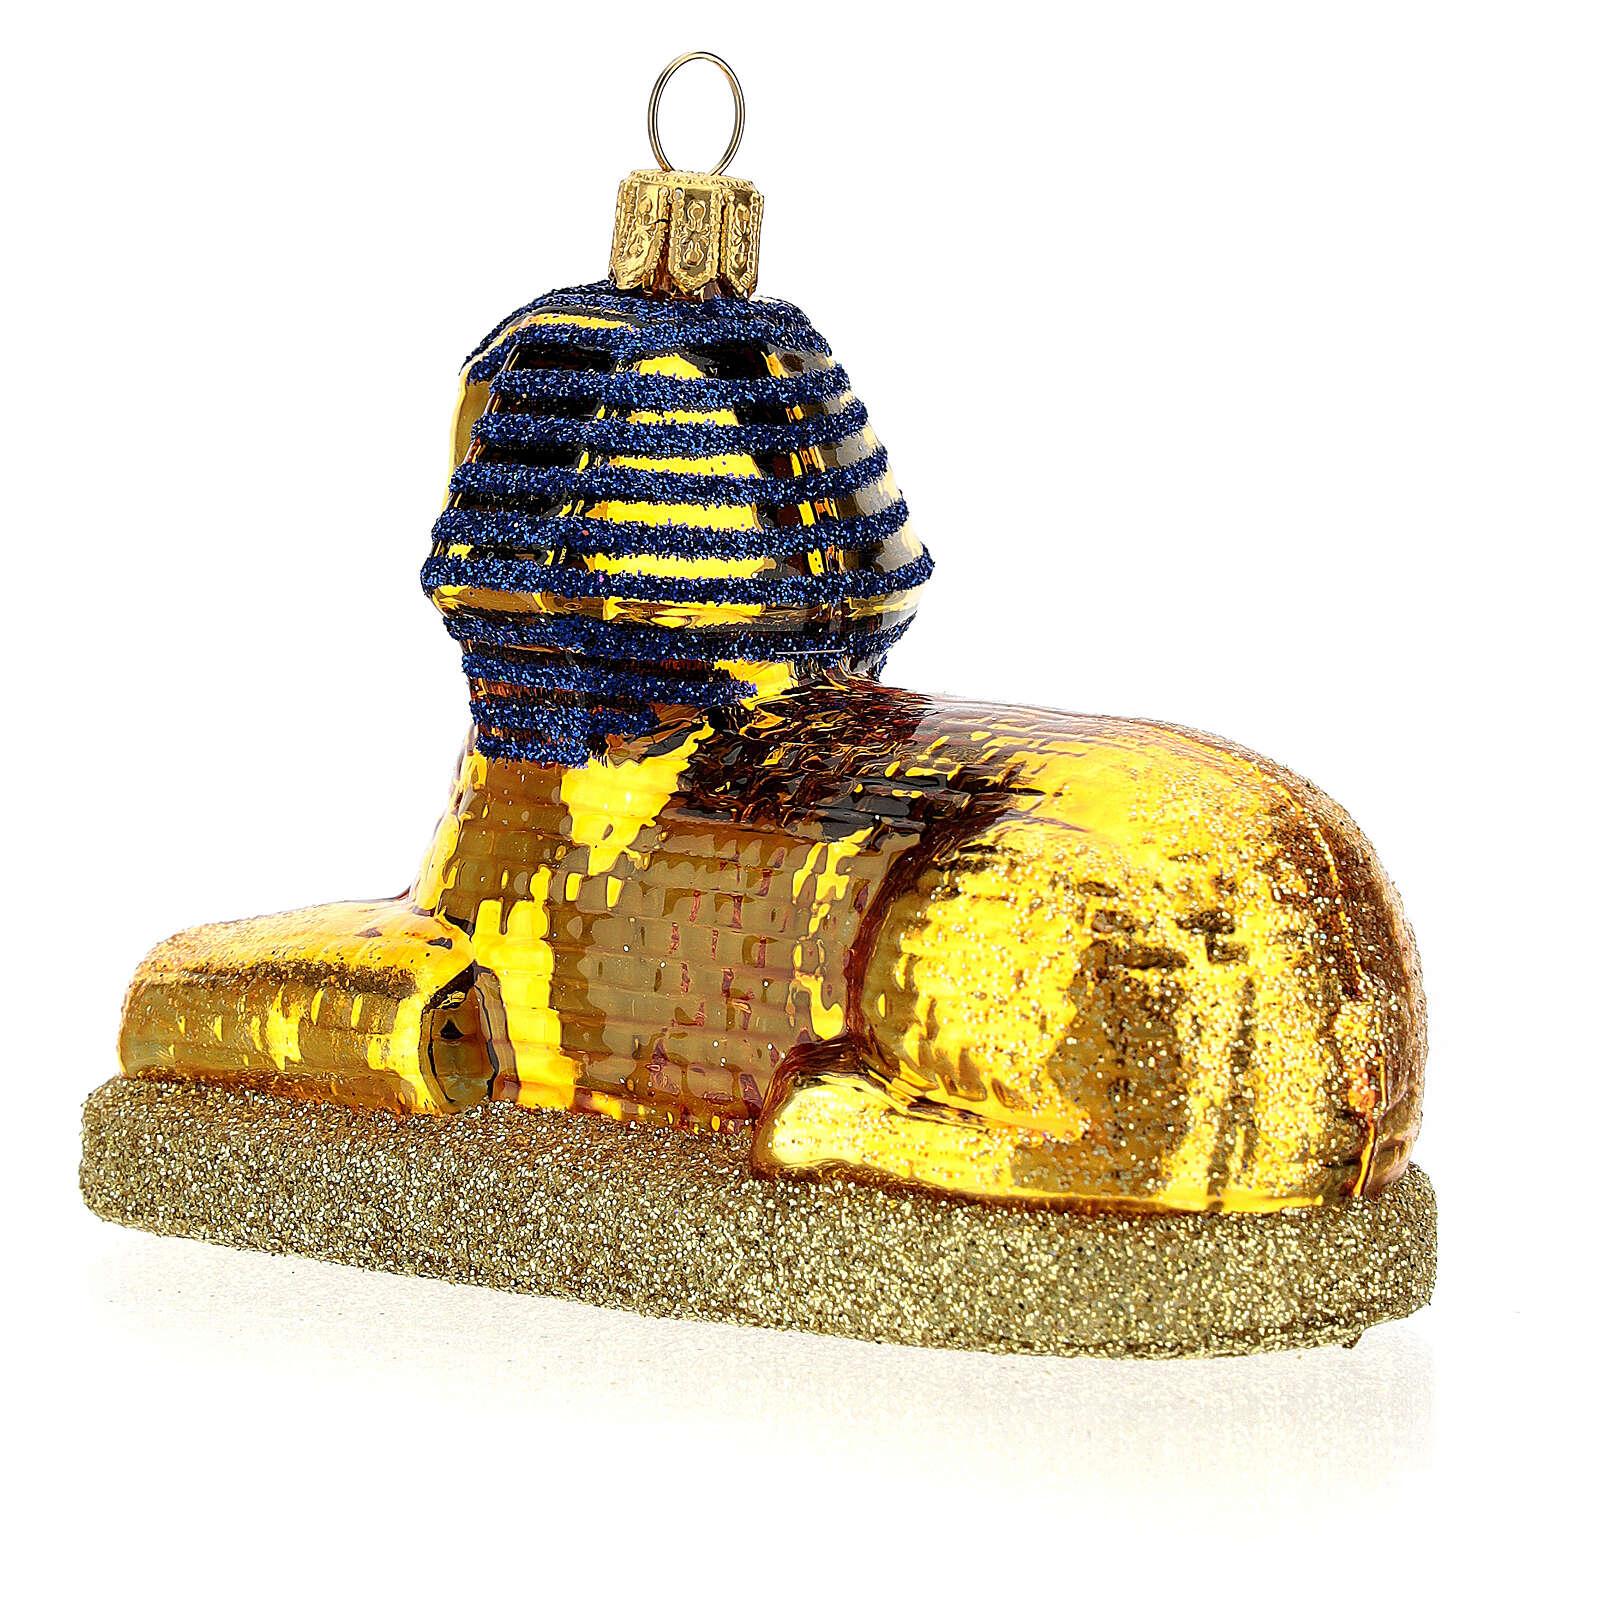 Esfinge egipcia vidrio soplado decoración Árbol Navidad 4